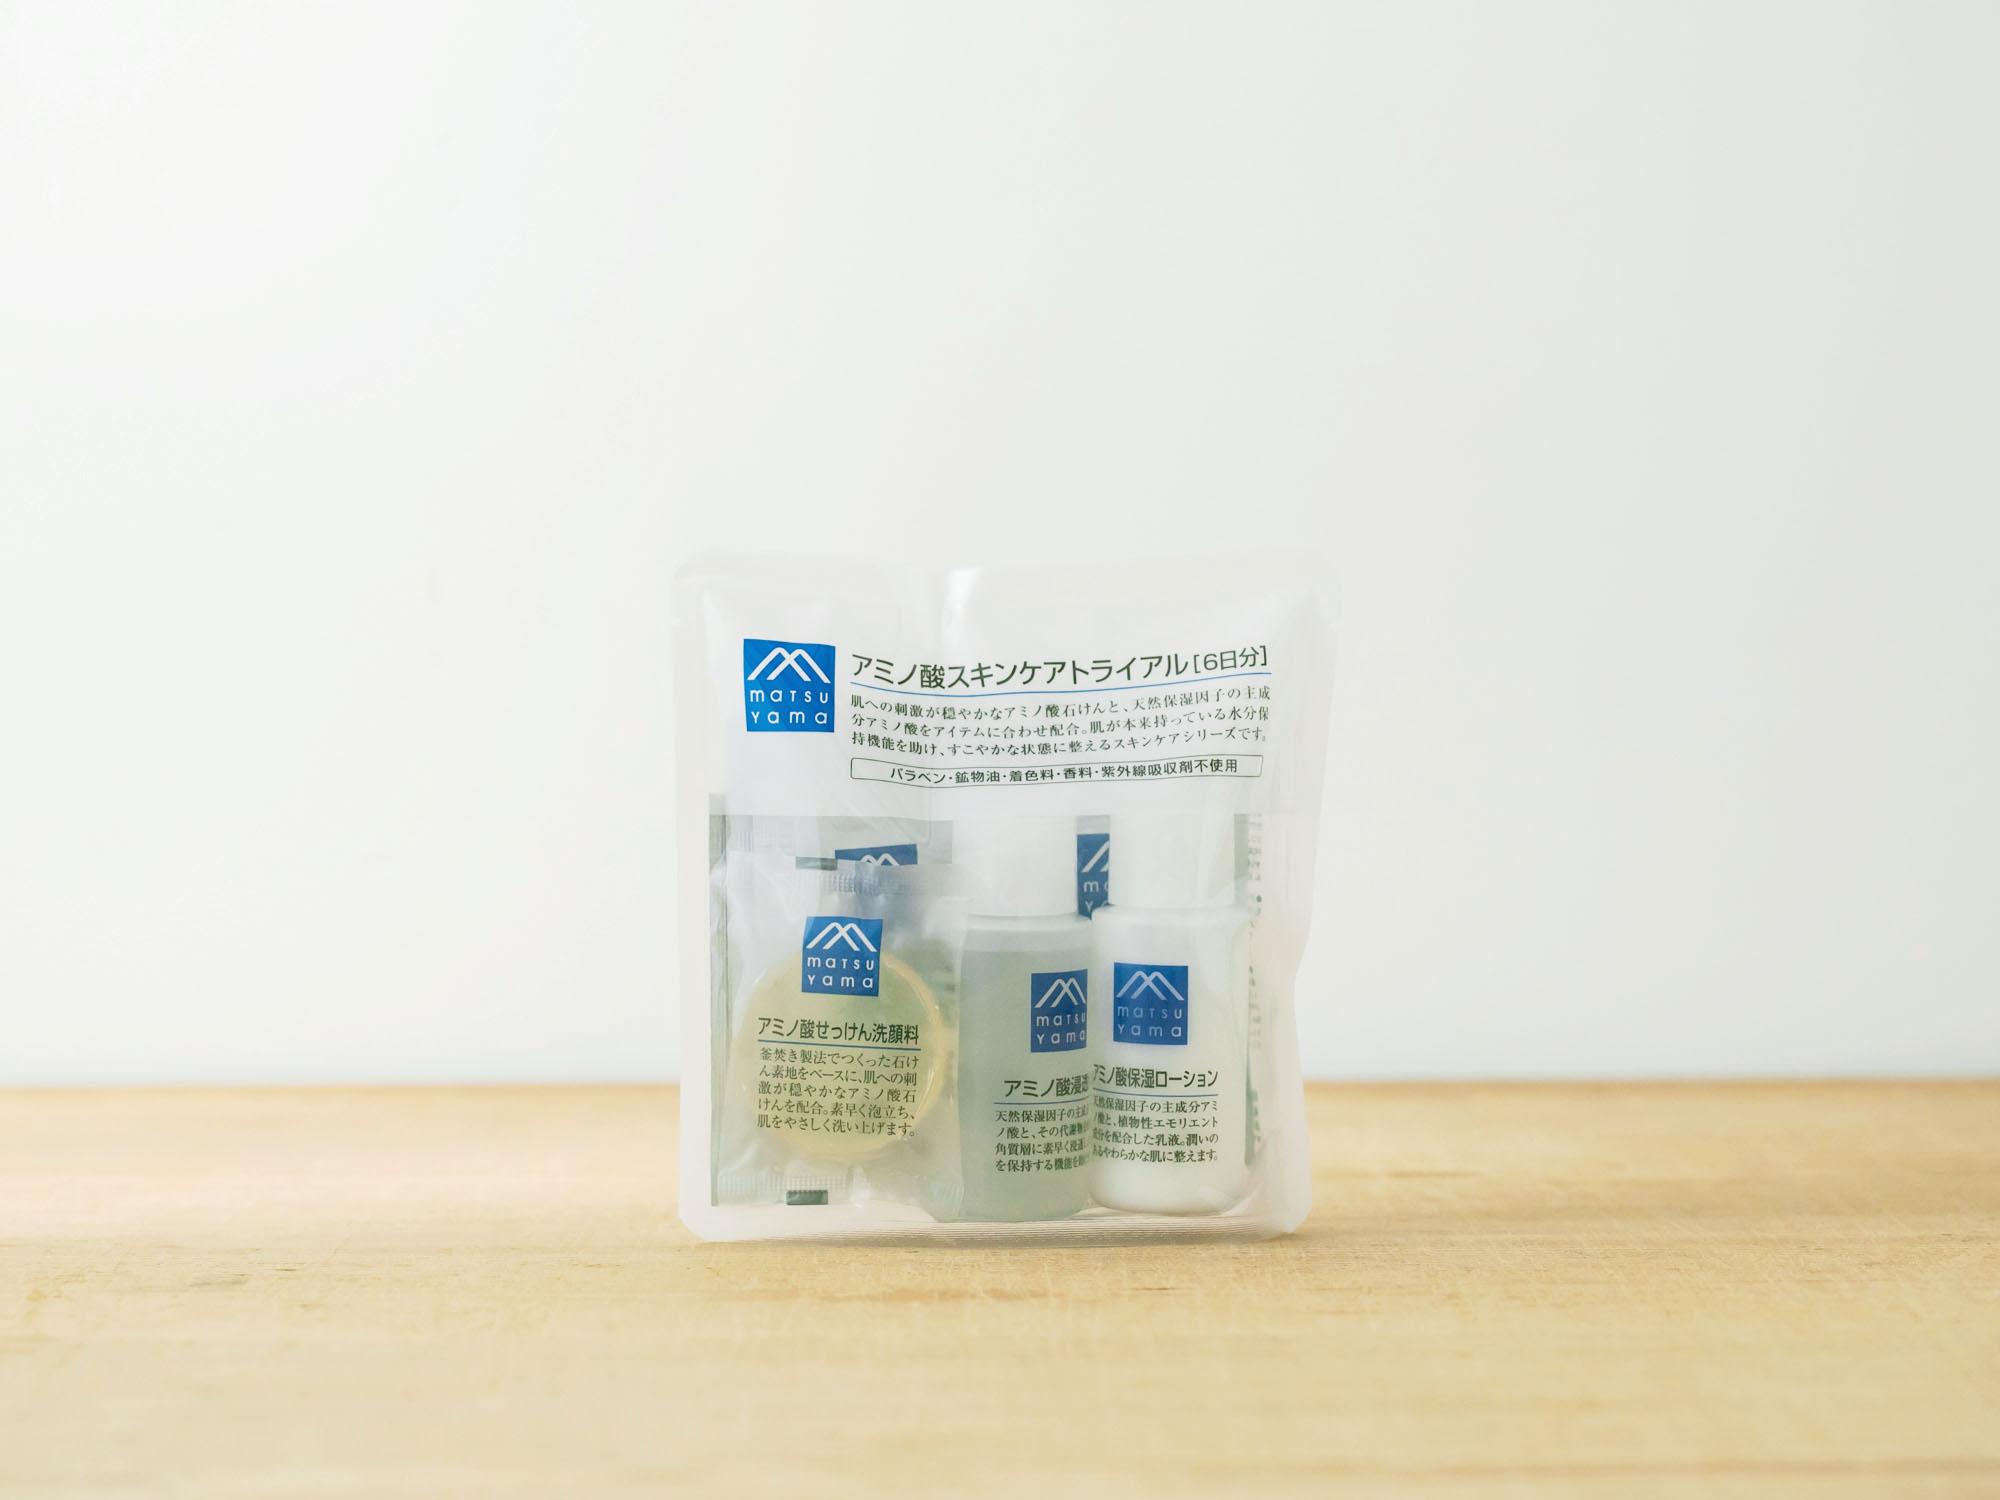 松山油脂 M-mark アミノ酸スキンケアトライアル